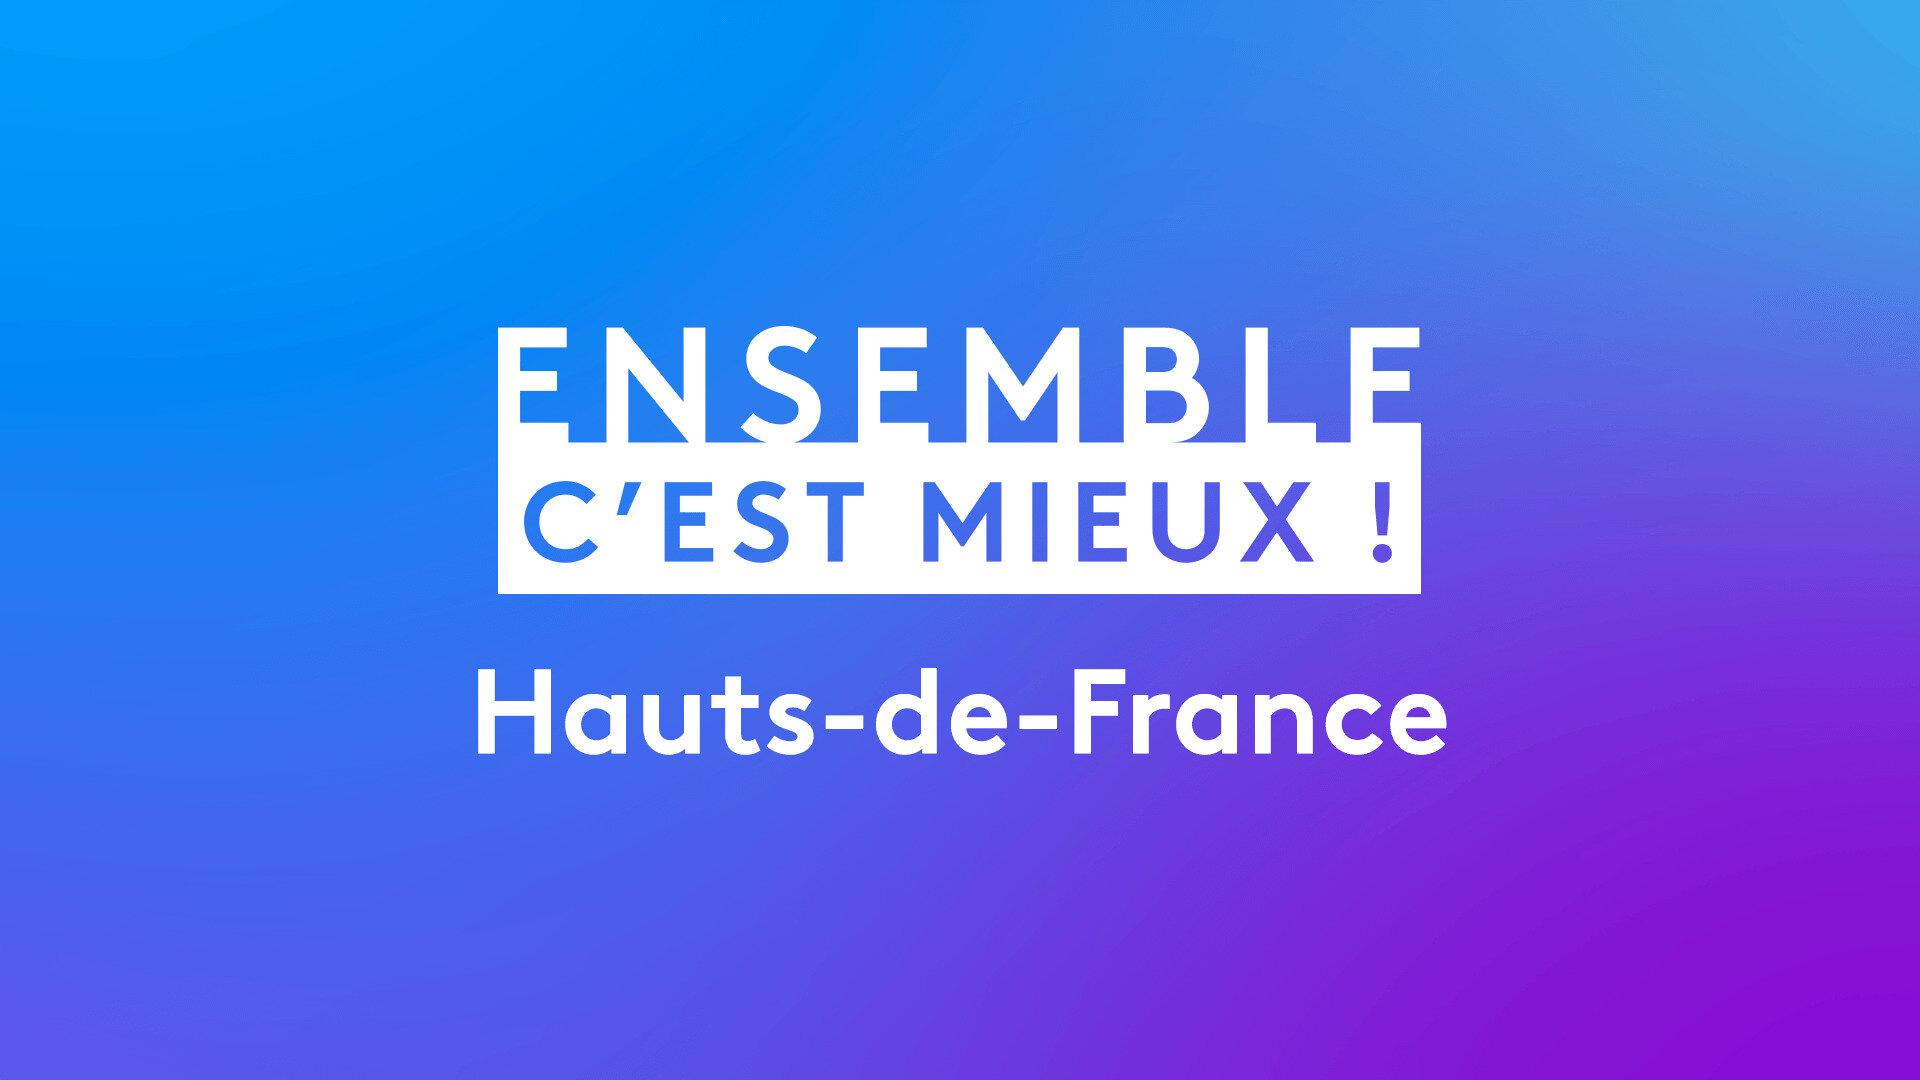 Ensemble c'est mieux ! Hauts-de-France : Louis Teyssedou, professeur d'histoire-géographie